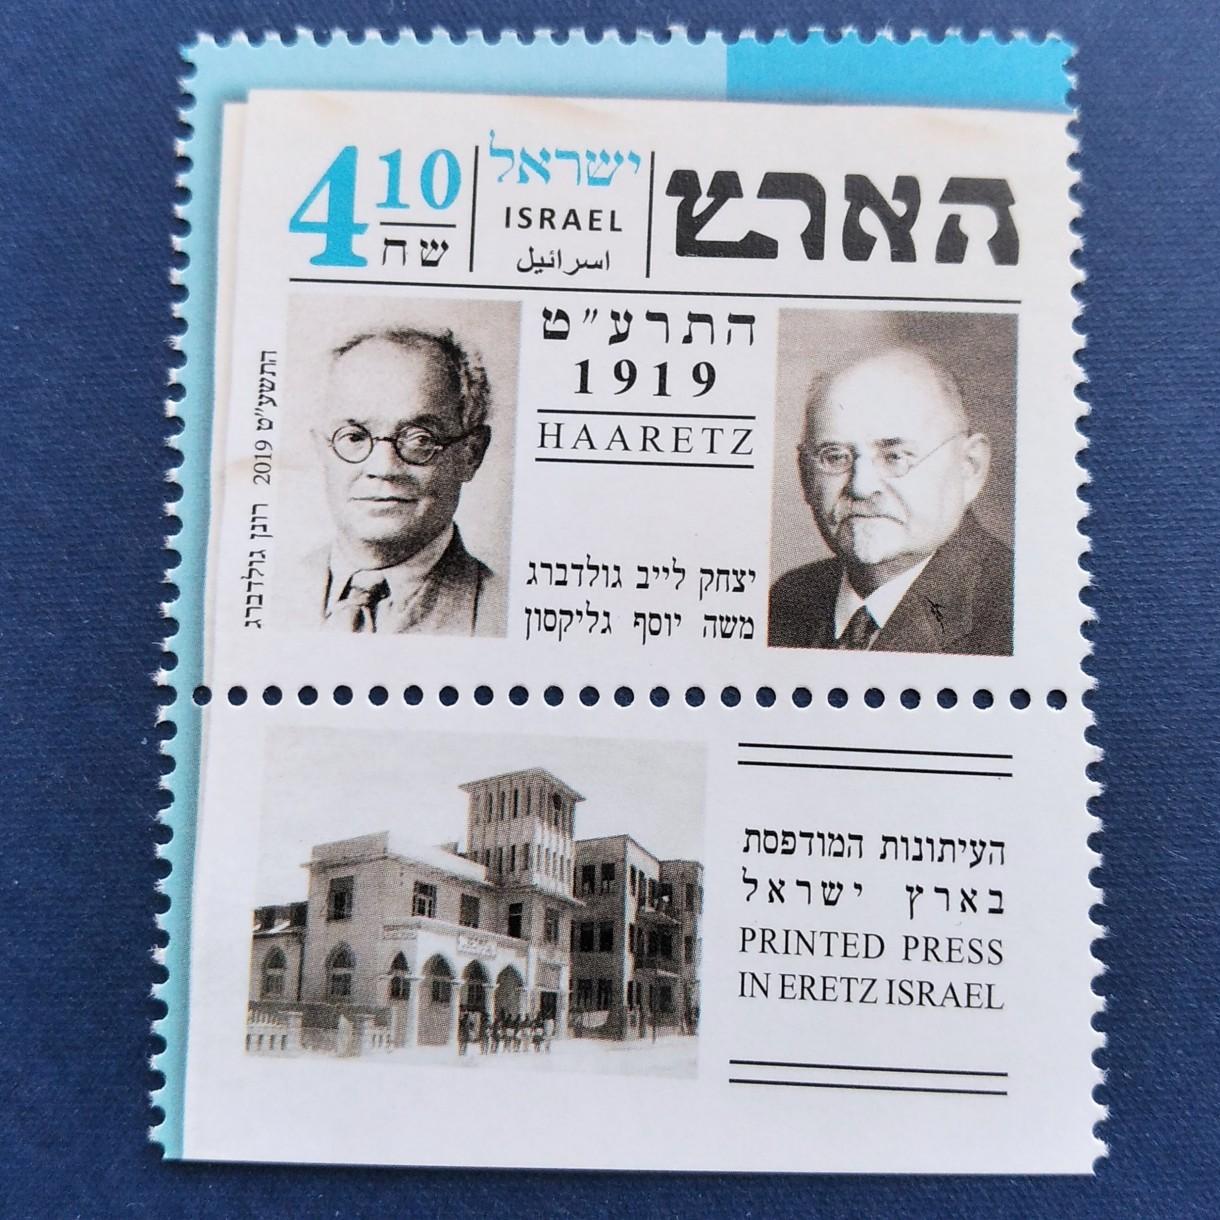 Znaczek upamiętniający znaczki zdrukarni Haarec